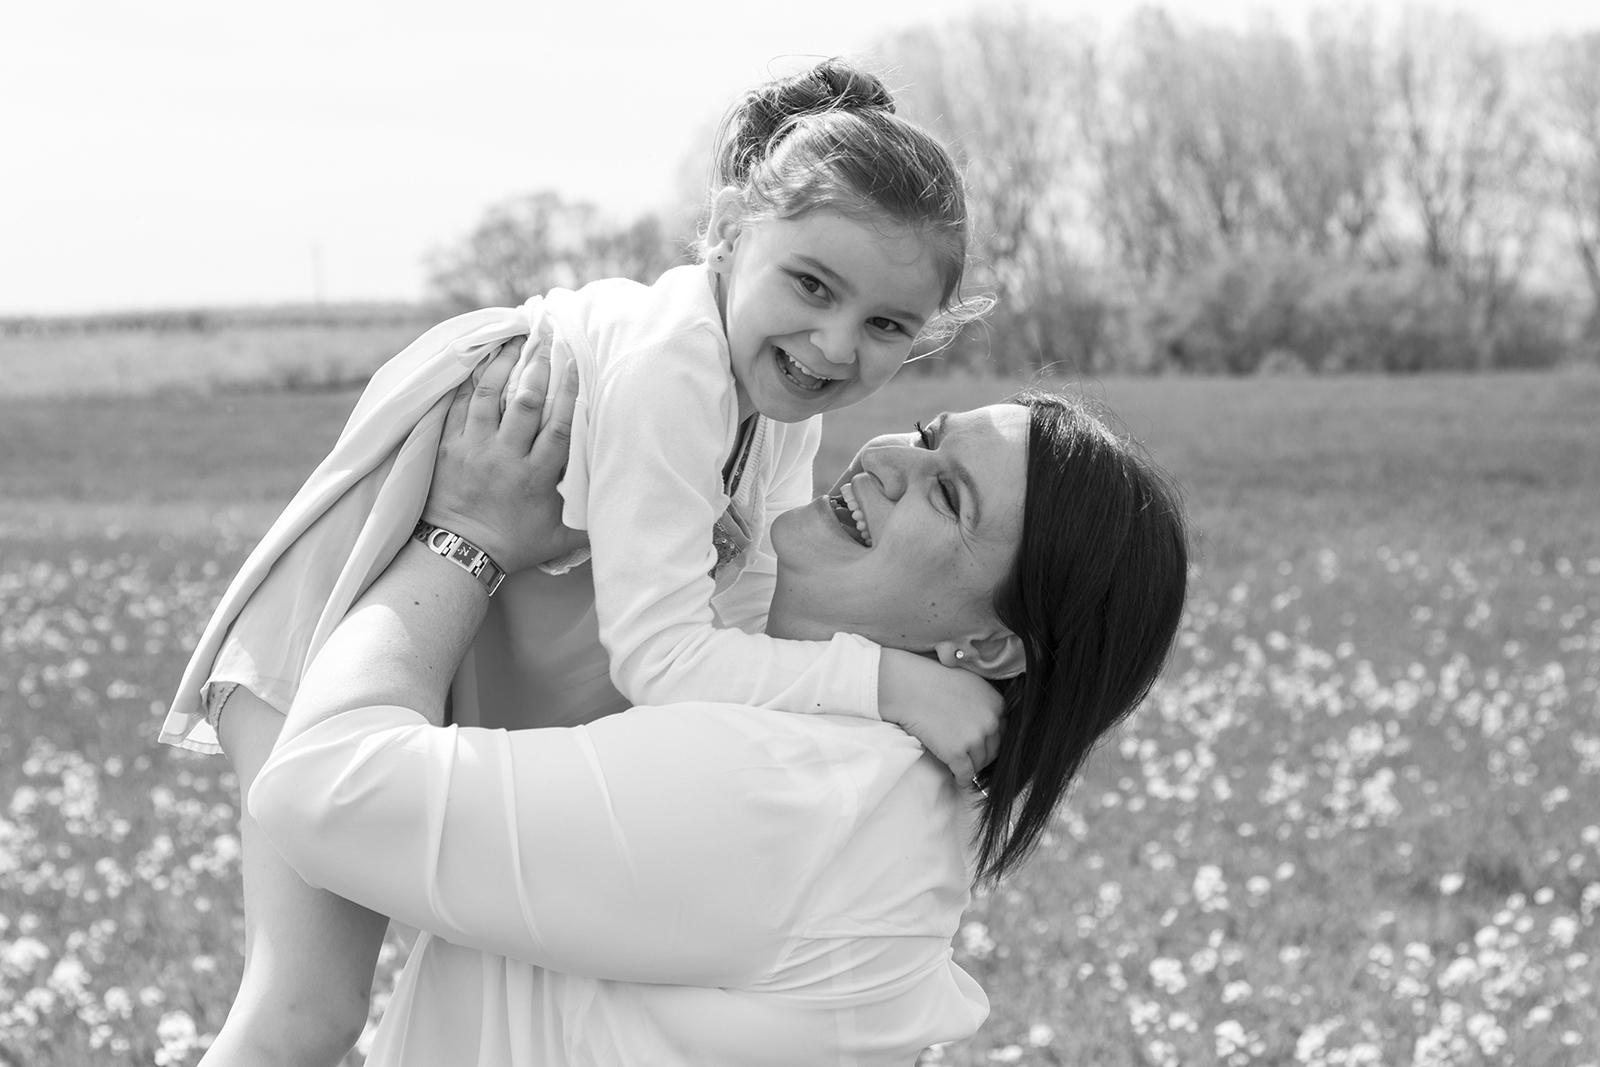 maman et sa fille photo en noir et blanc